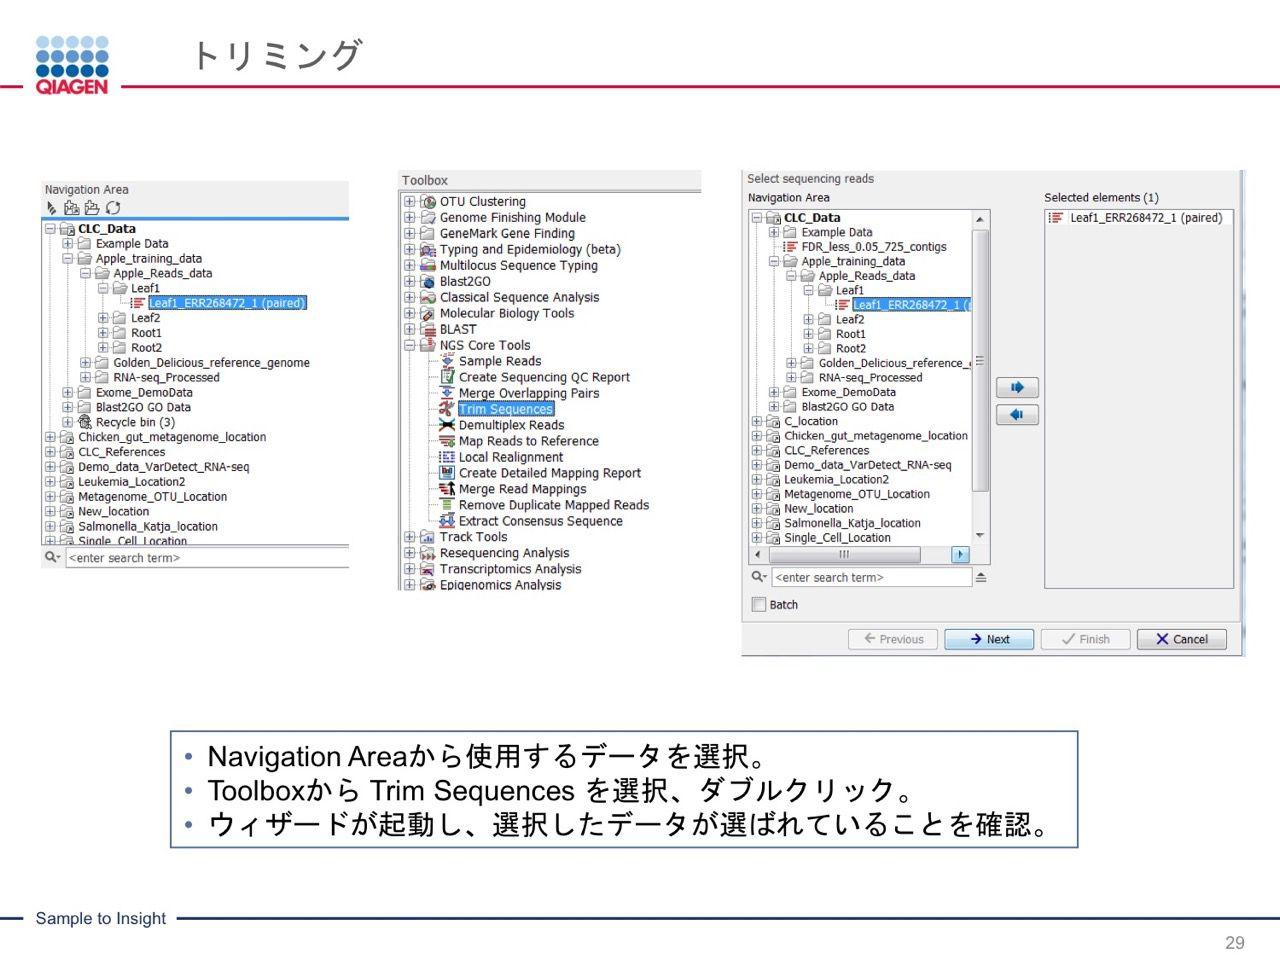 images/AJACSa2_miyamoto_029.jpg